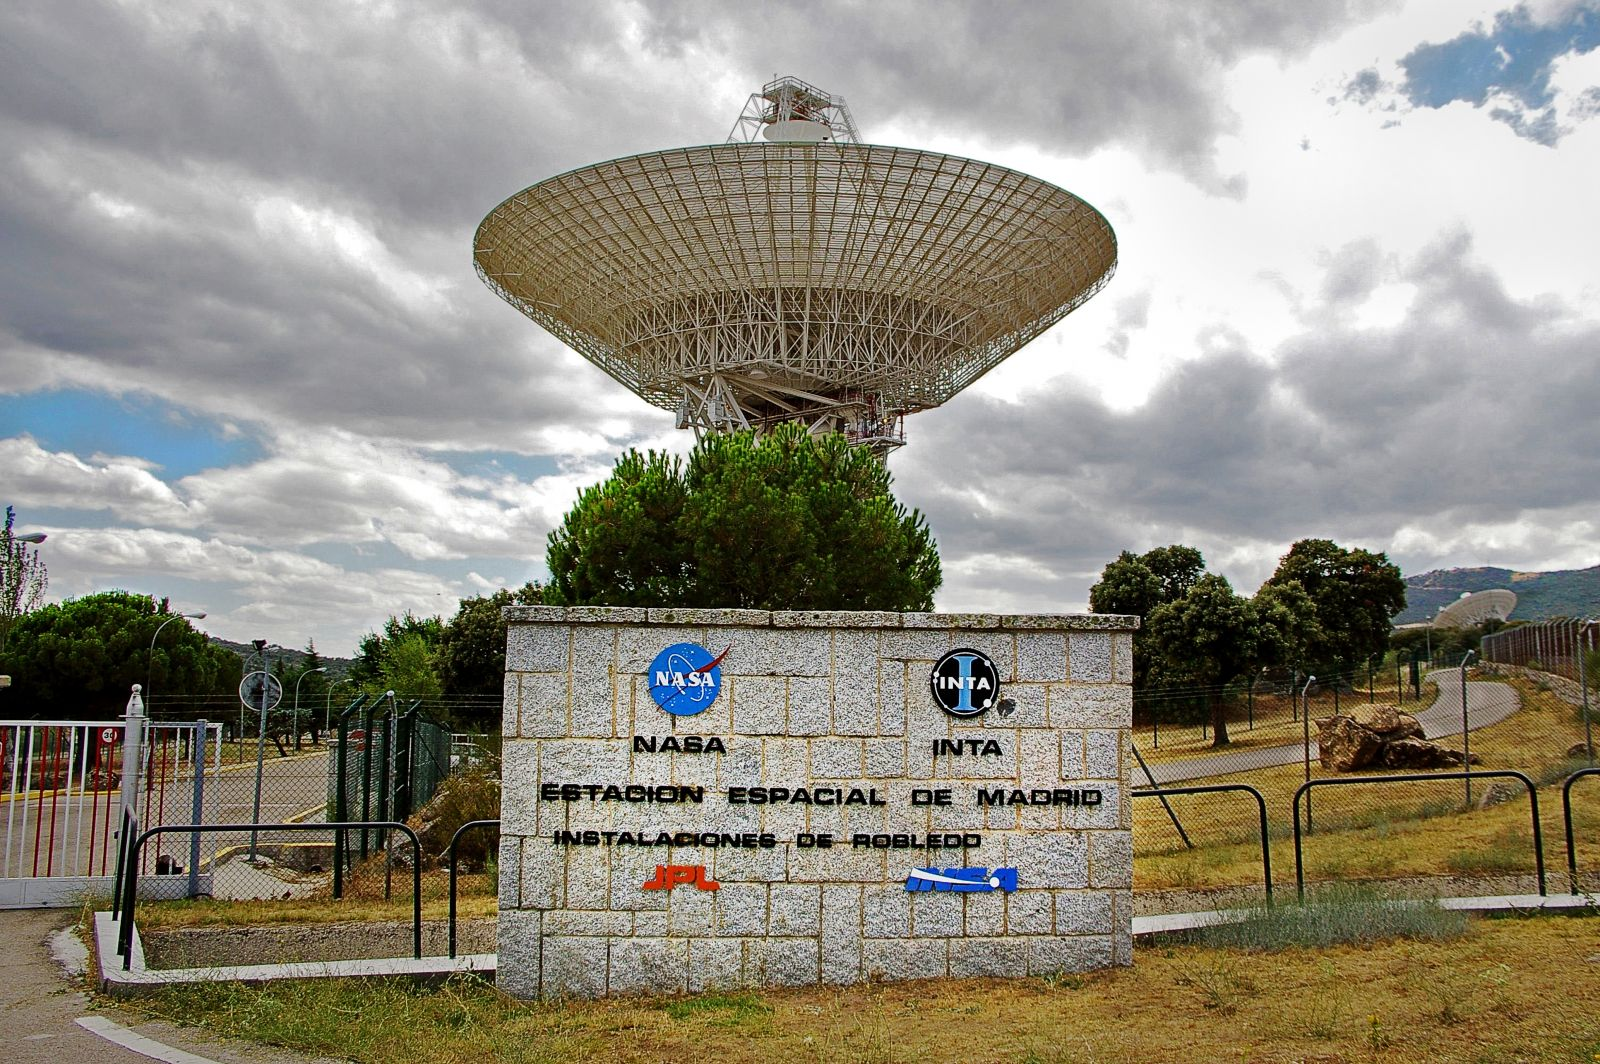 Estación de la NASA en Madrid